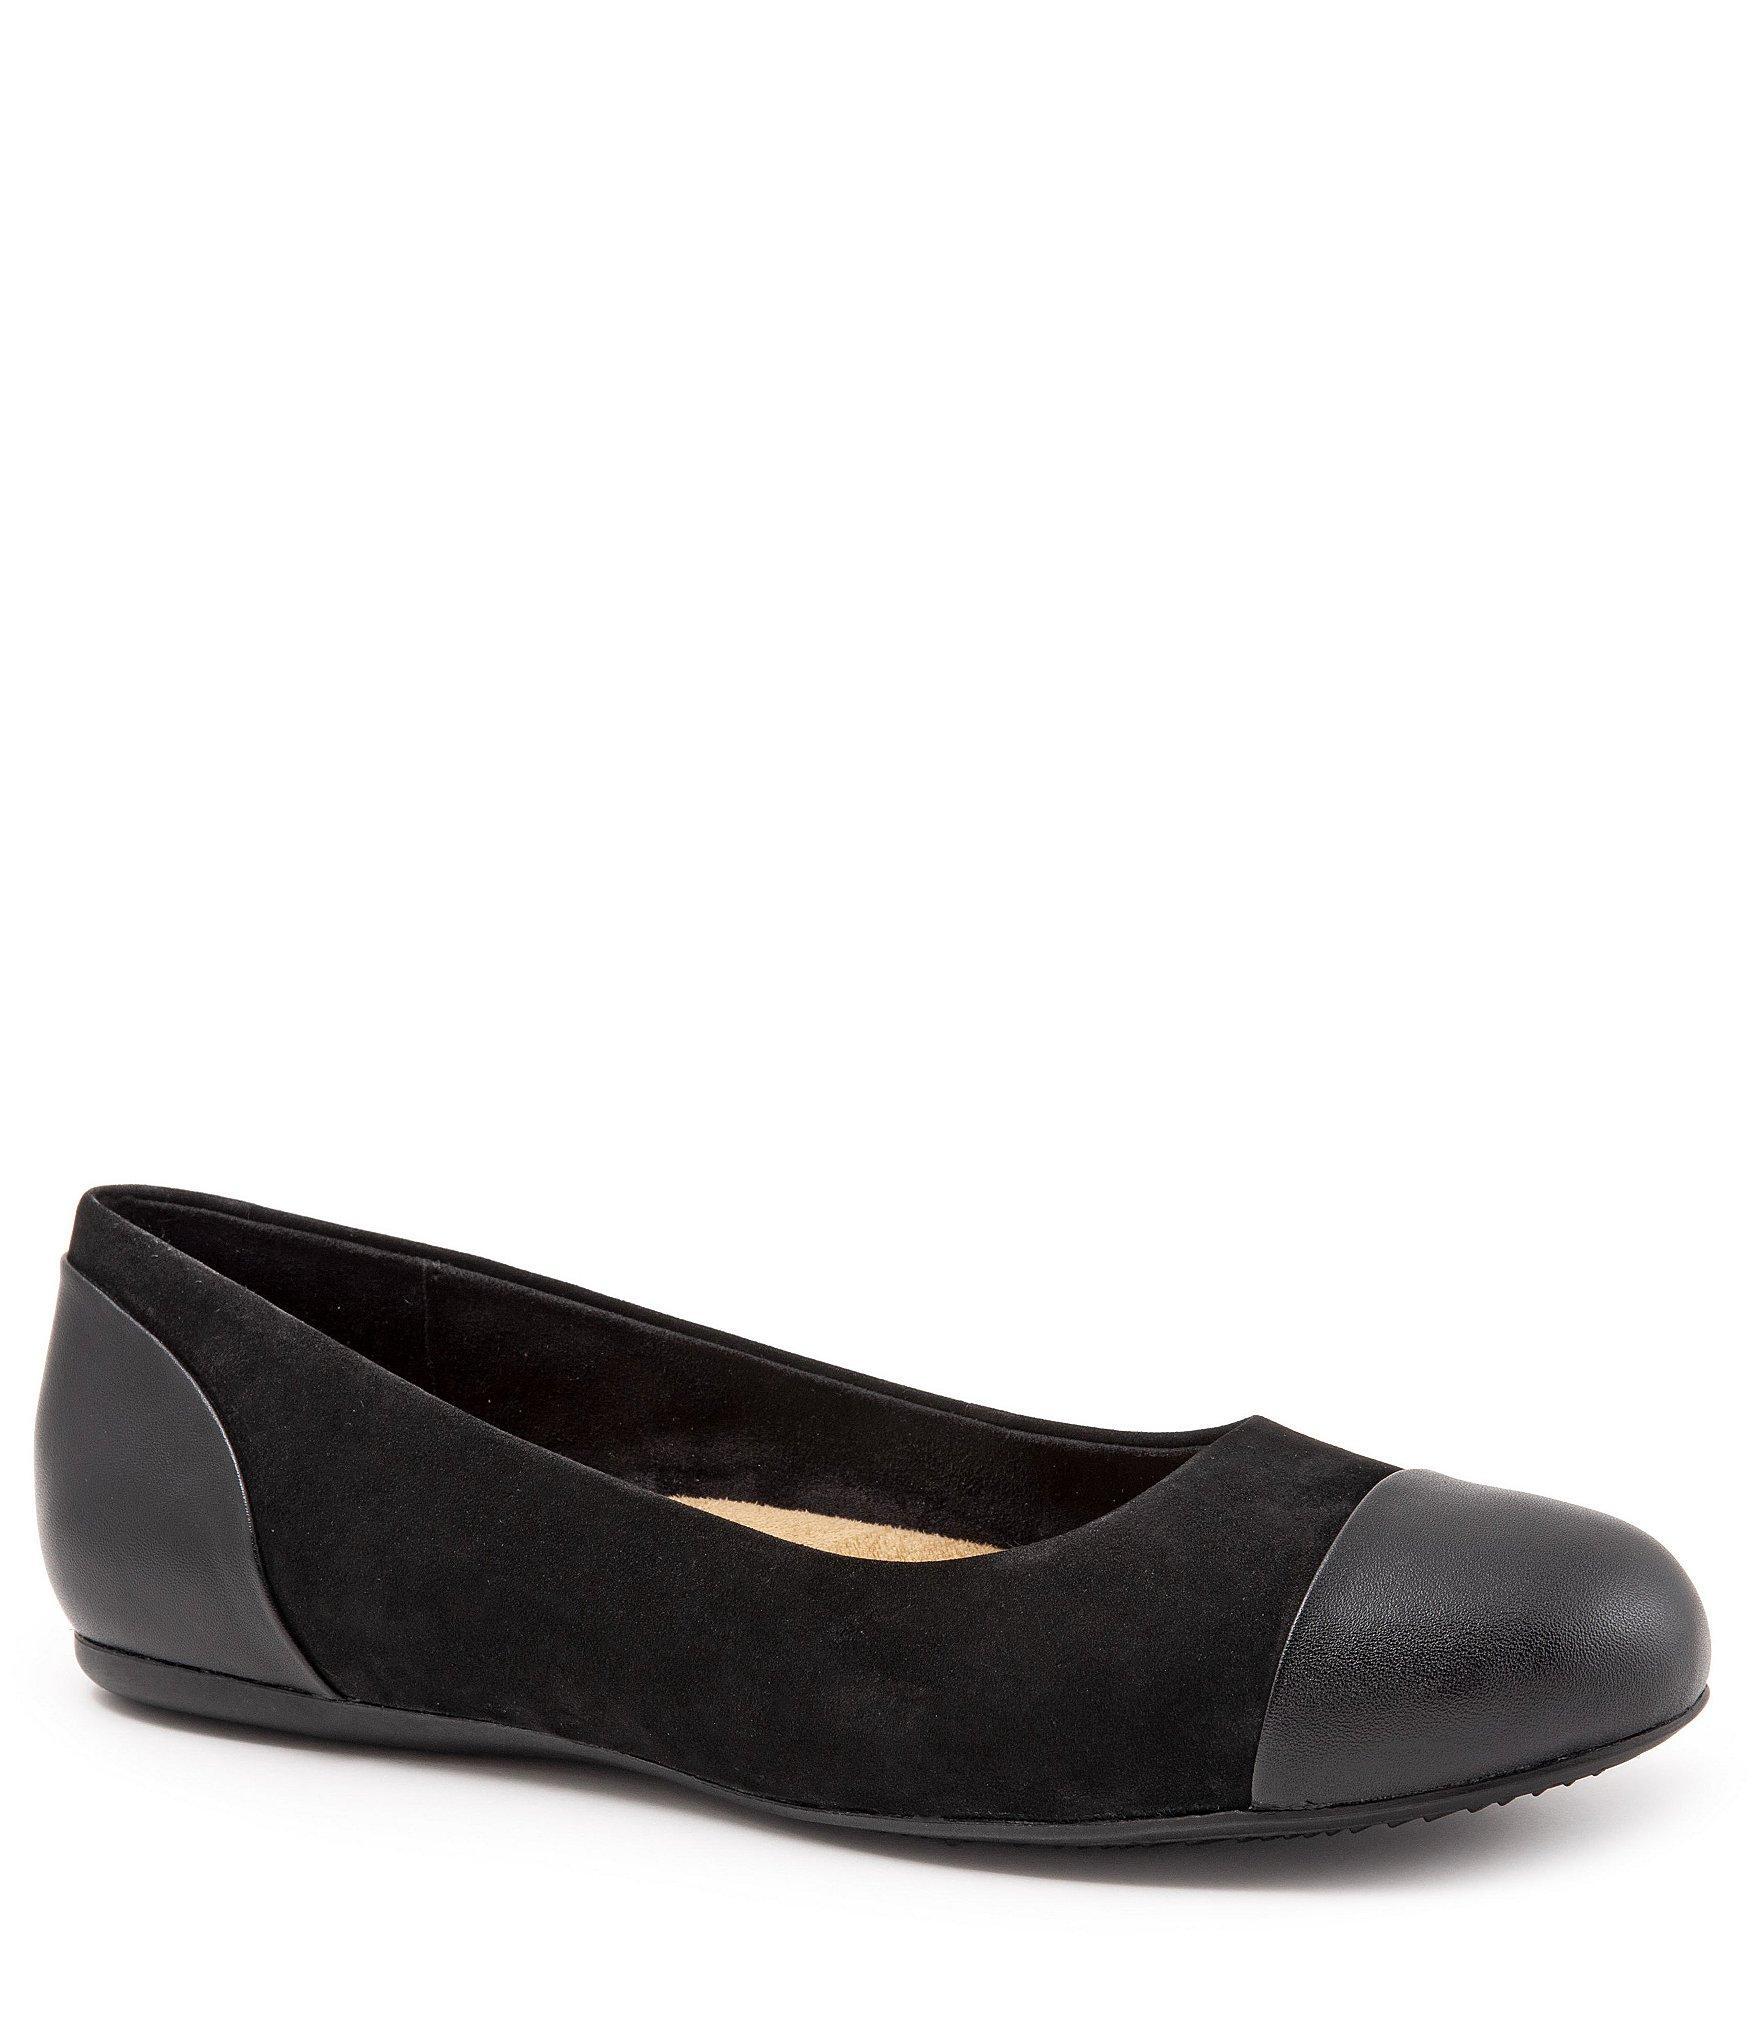 37c10d77f9a ... Black Sonoma Cap Toe Nubuck Ballet Flats - Lyst. View fullscreen